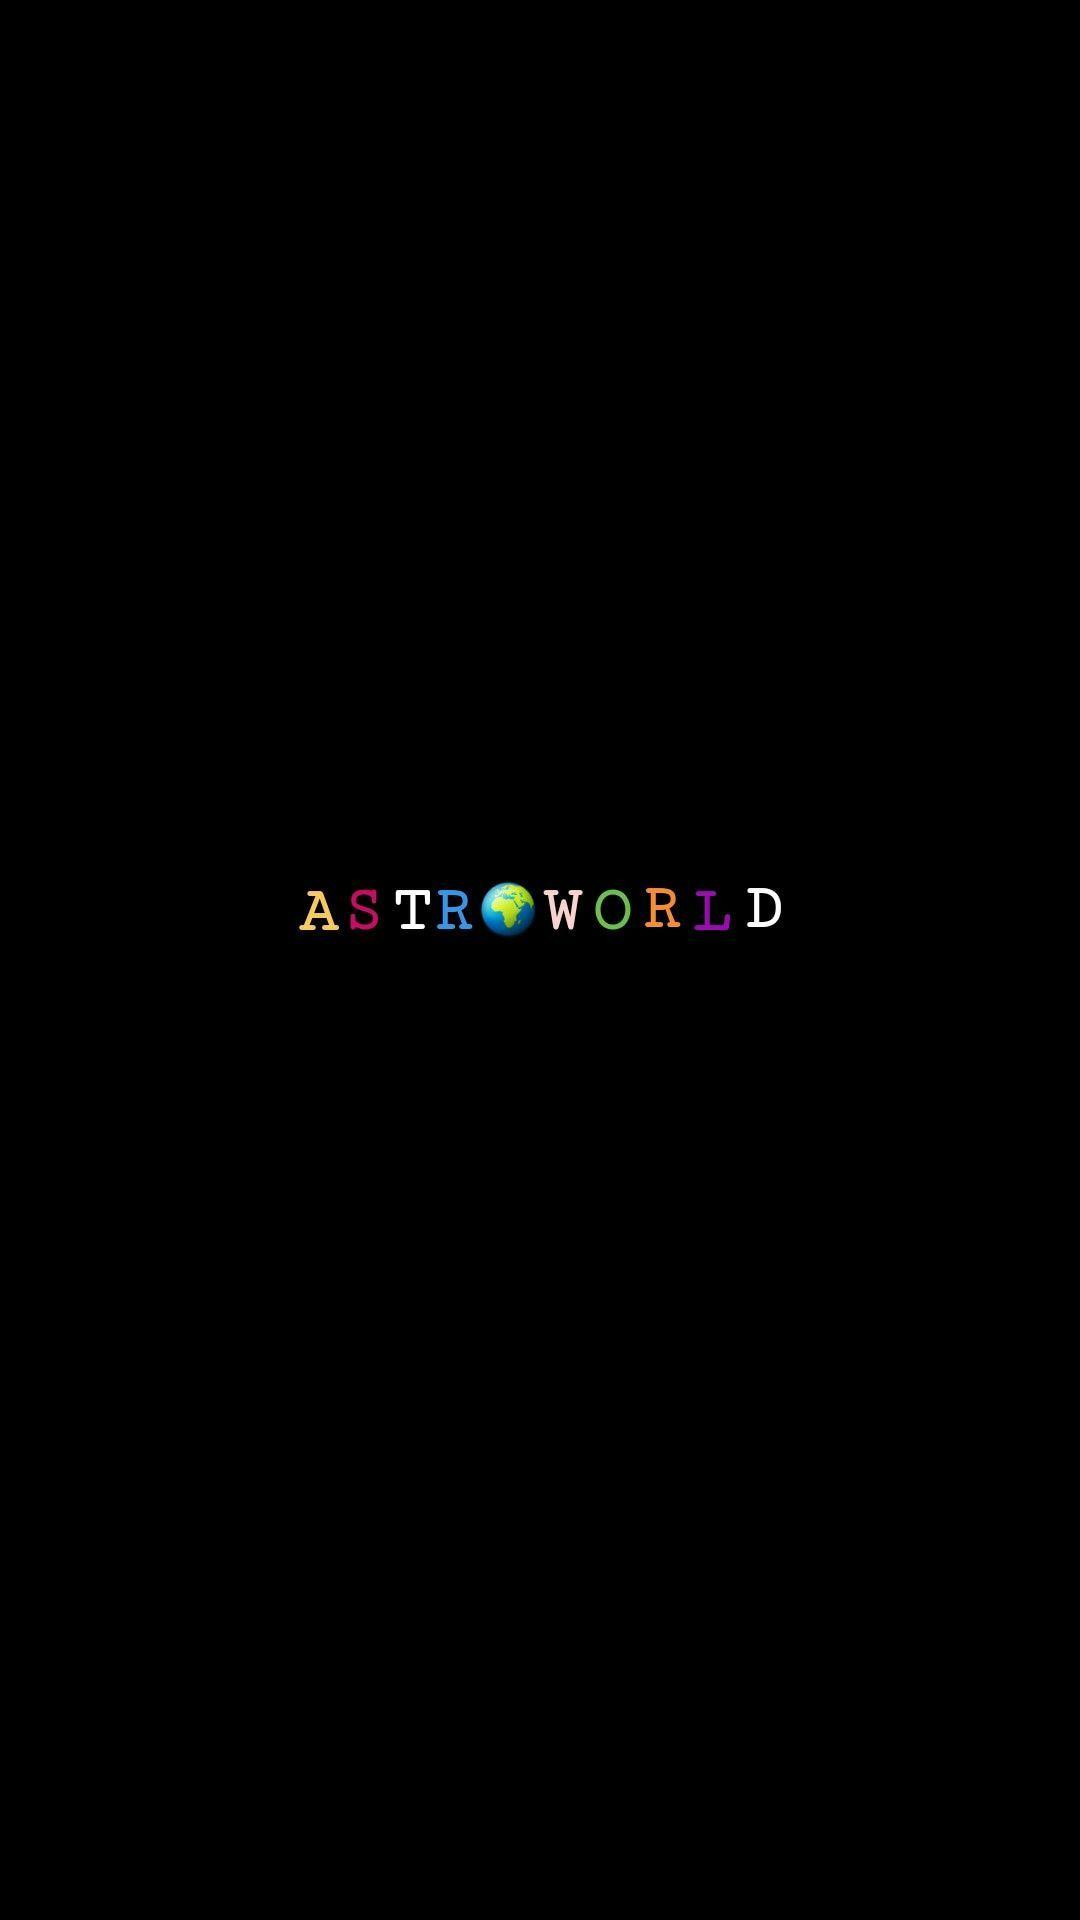 Astroworld Travis Scott Travisscottwallpapers Astroworld Travis Scott Papeis De Parede Hd Celular Papel De Parede Da Nike Papel De Parede Rap